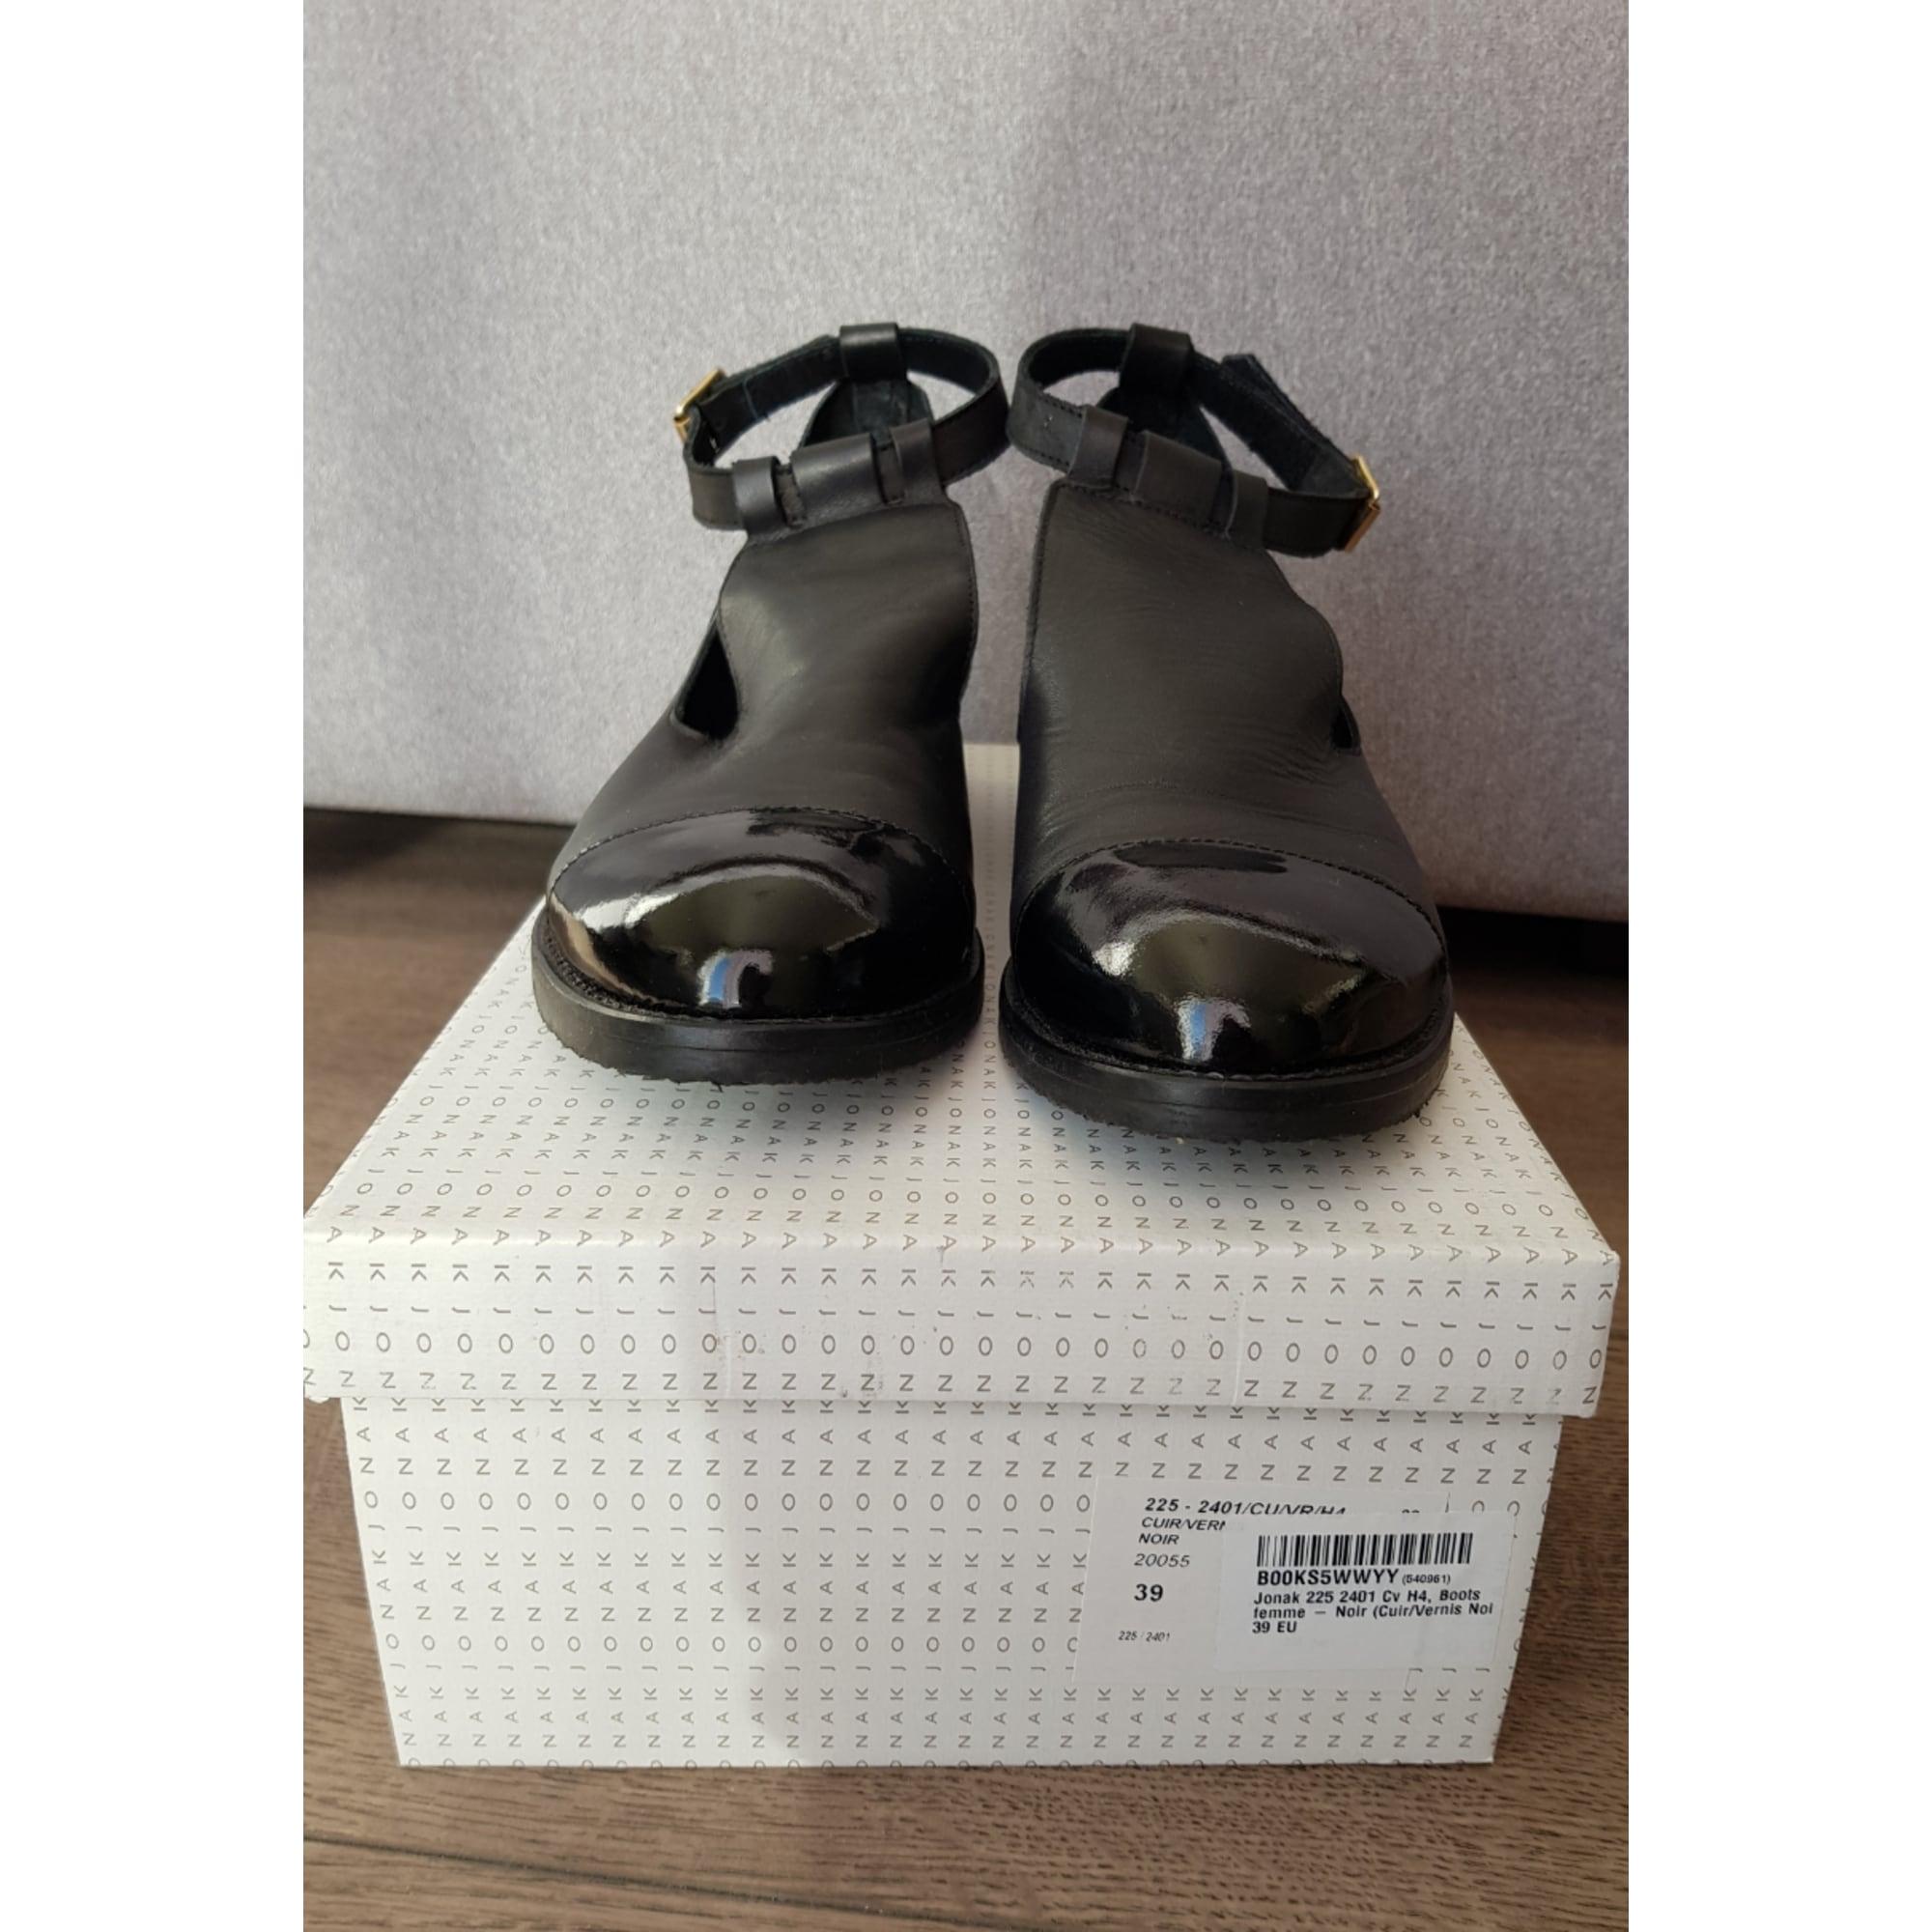 Bottines & low boots plates JONAK 39 noir vendu par Basko1